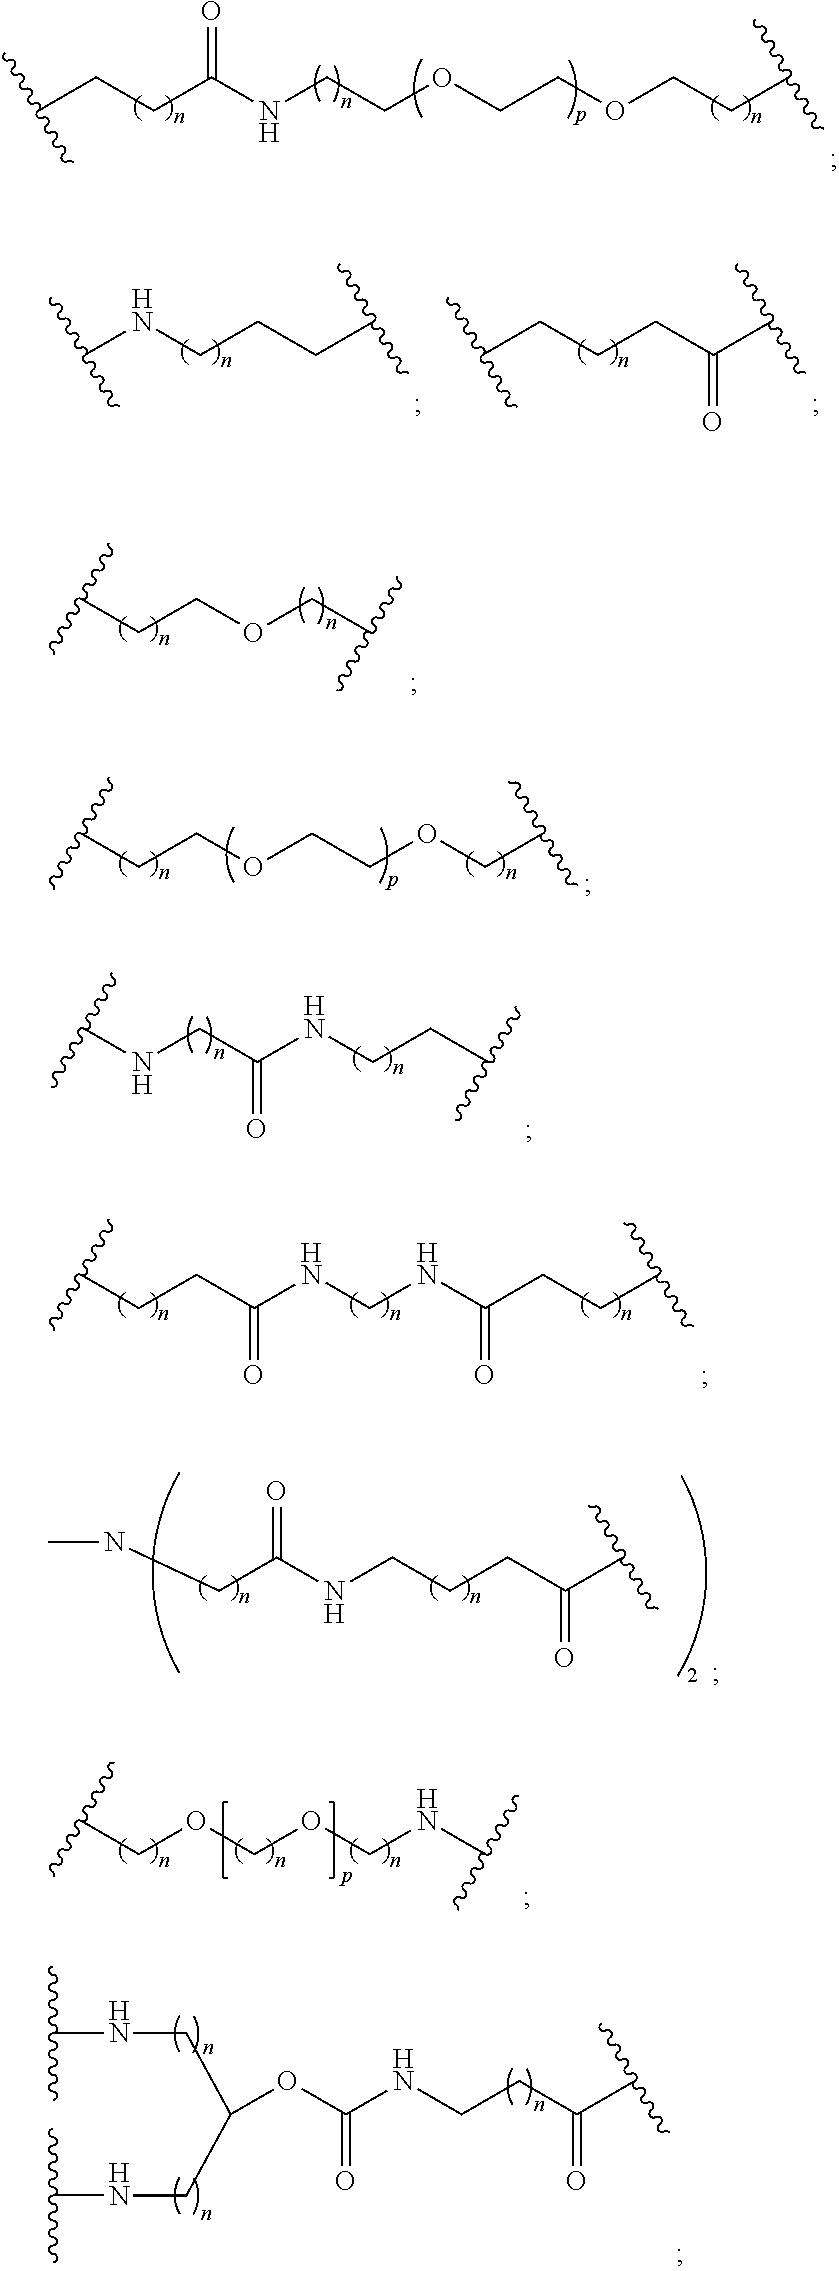 Figure US09957504-20180501-C00179